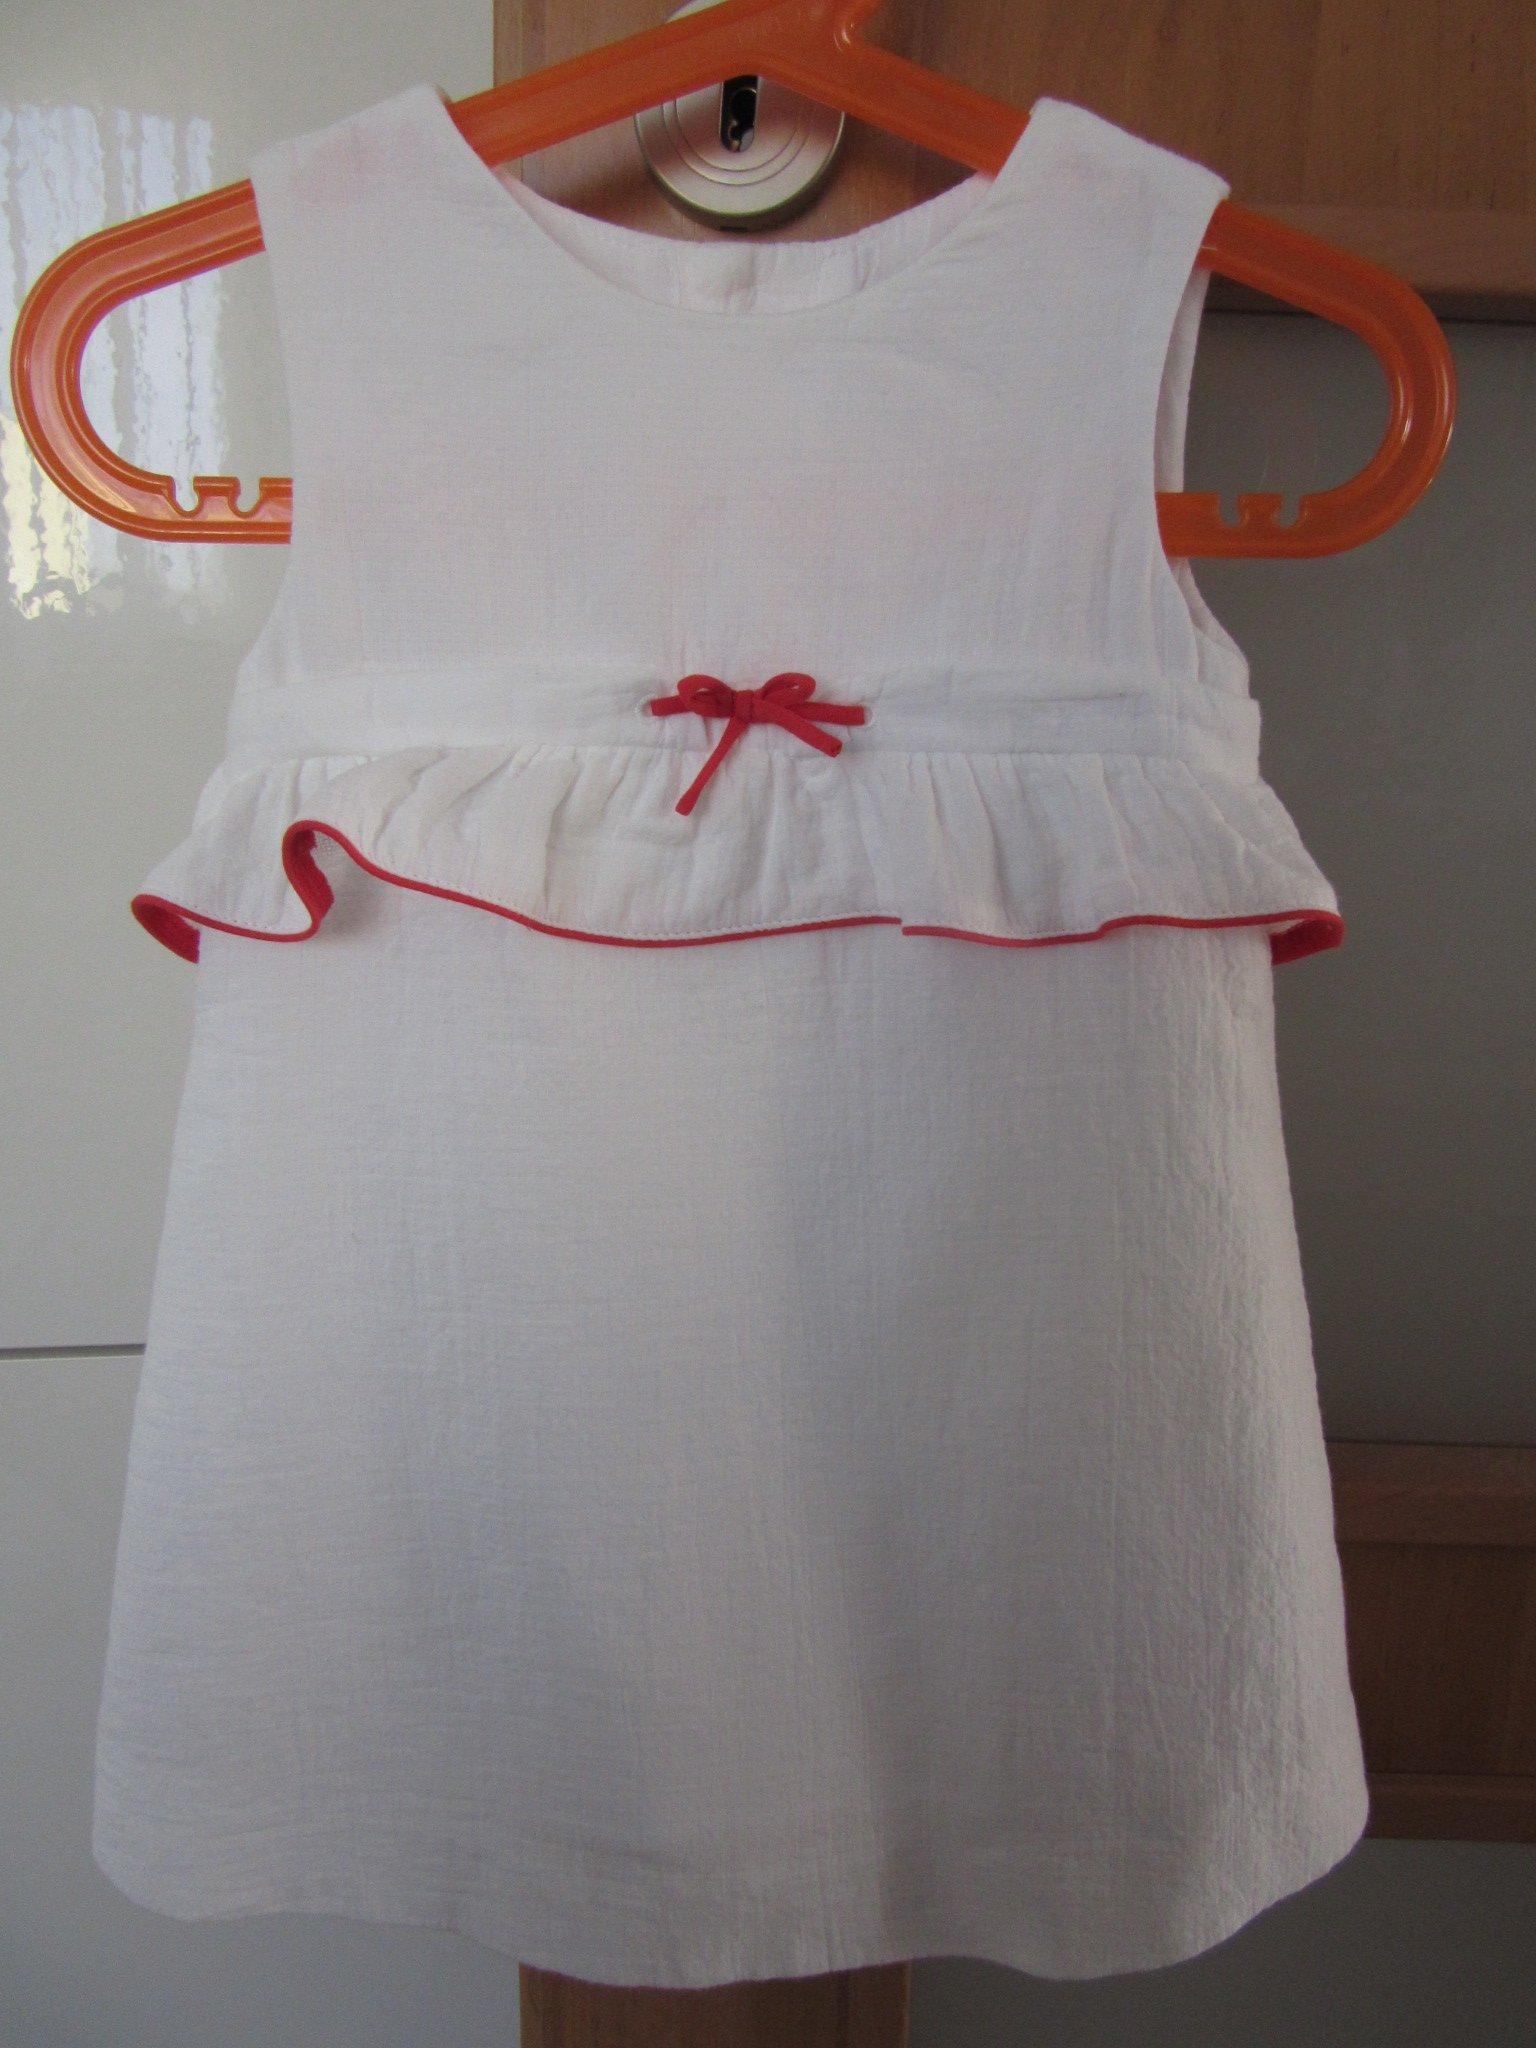 2bdeecb5c2 Sukienka Zara - 7249588458 - oficjalne archiwum allegro